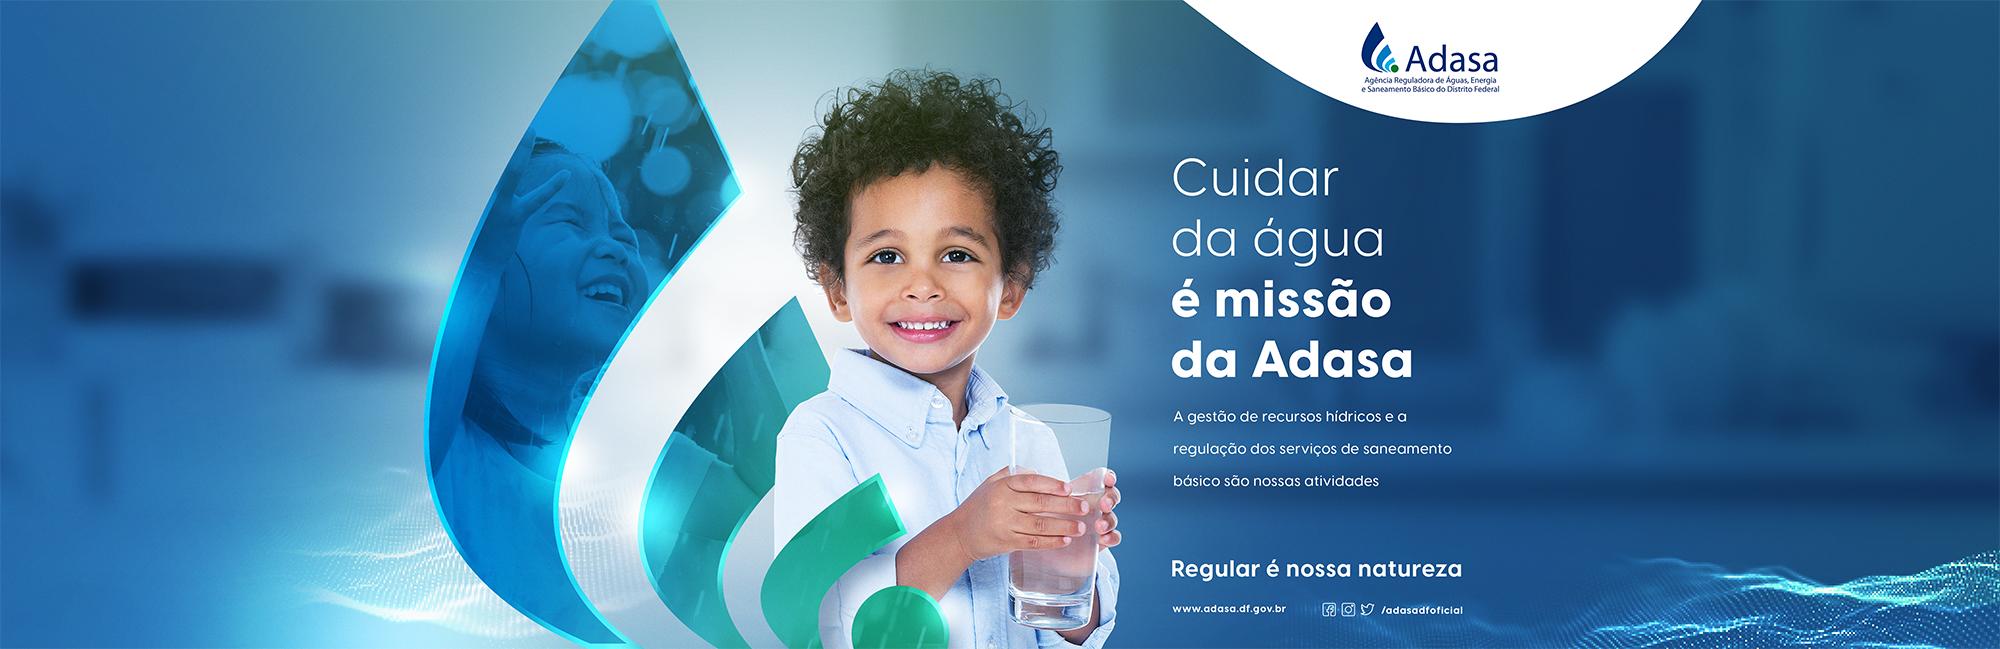 Cuidar da Água é missão da Adasa